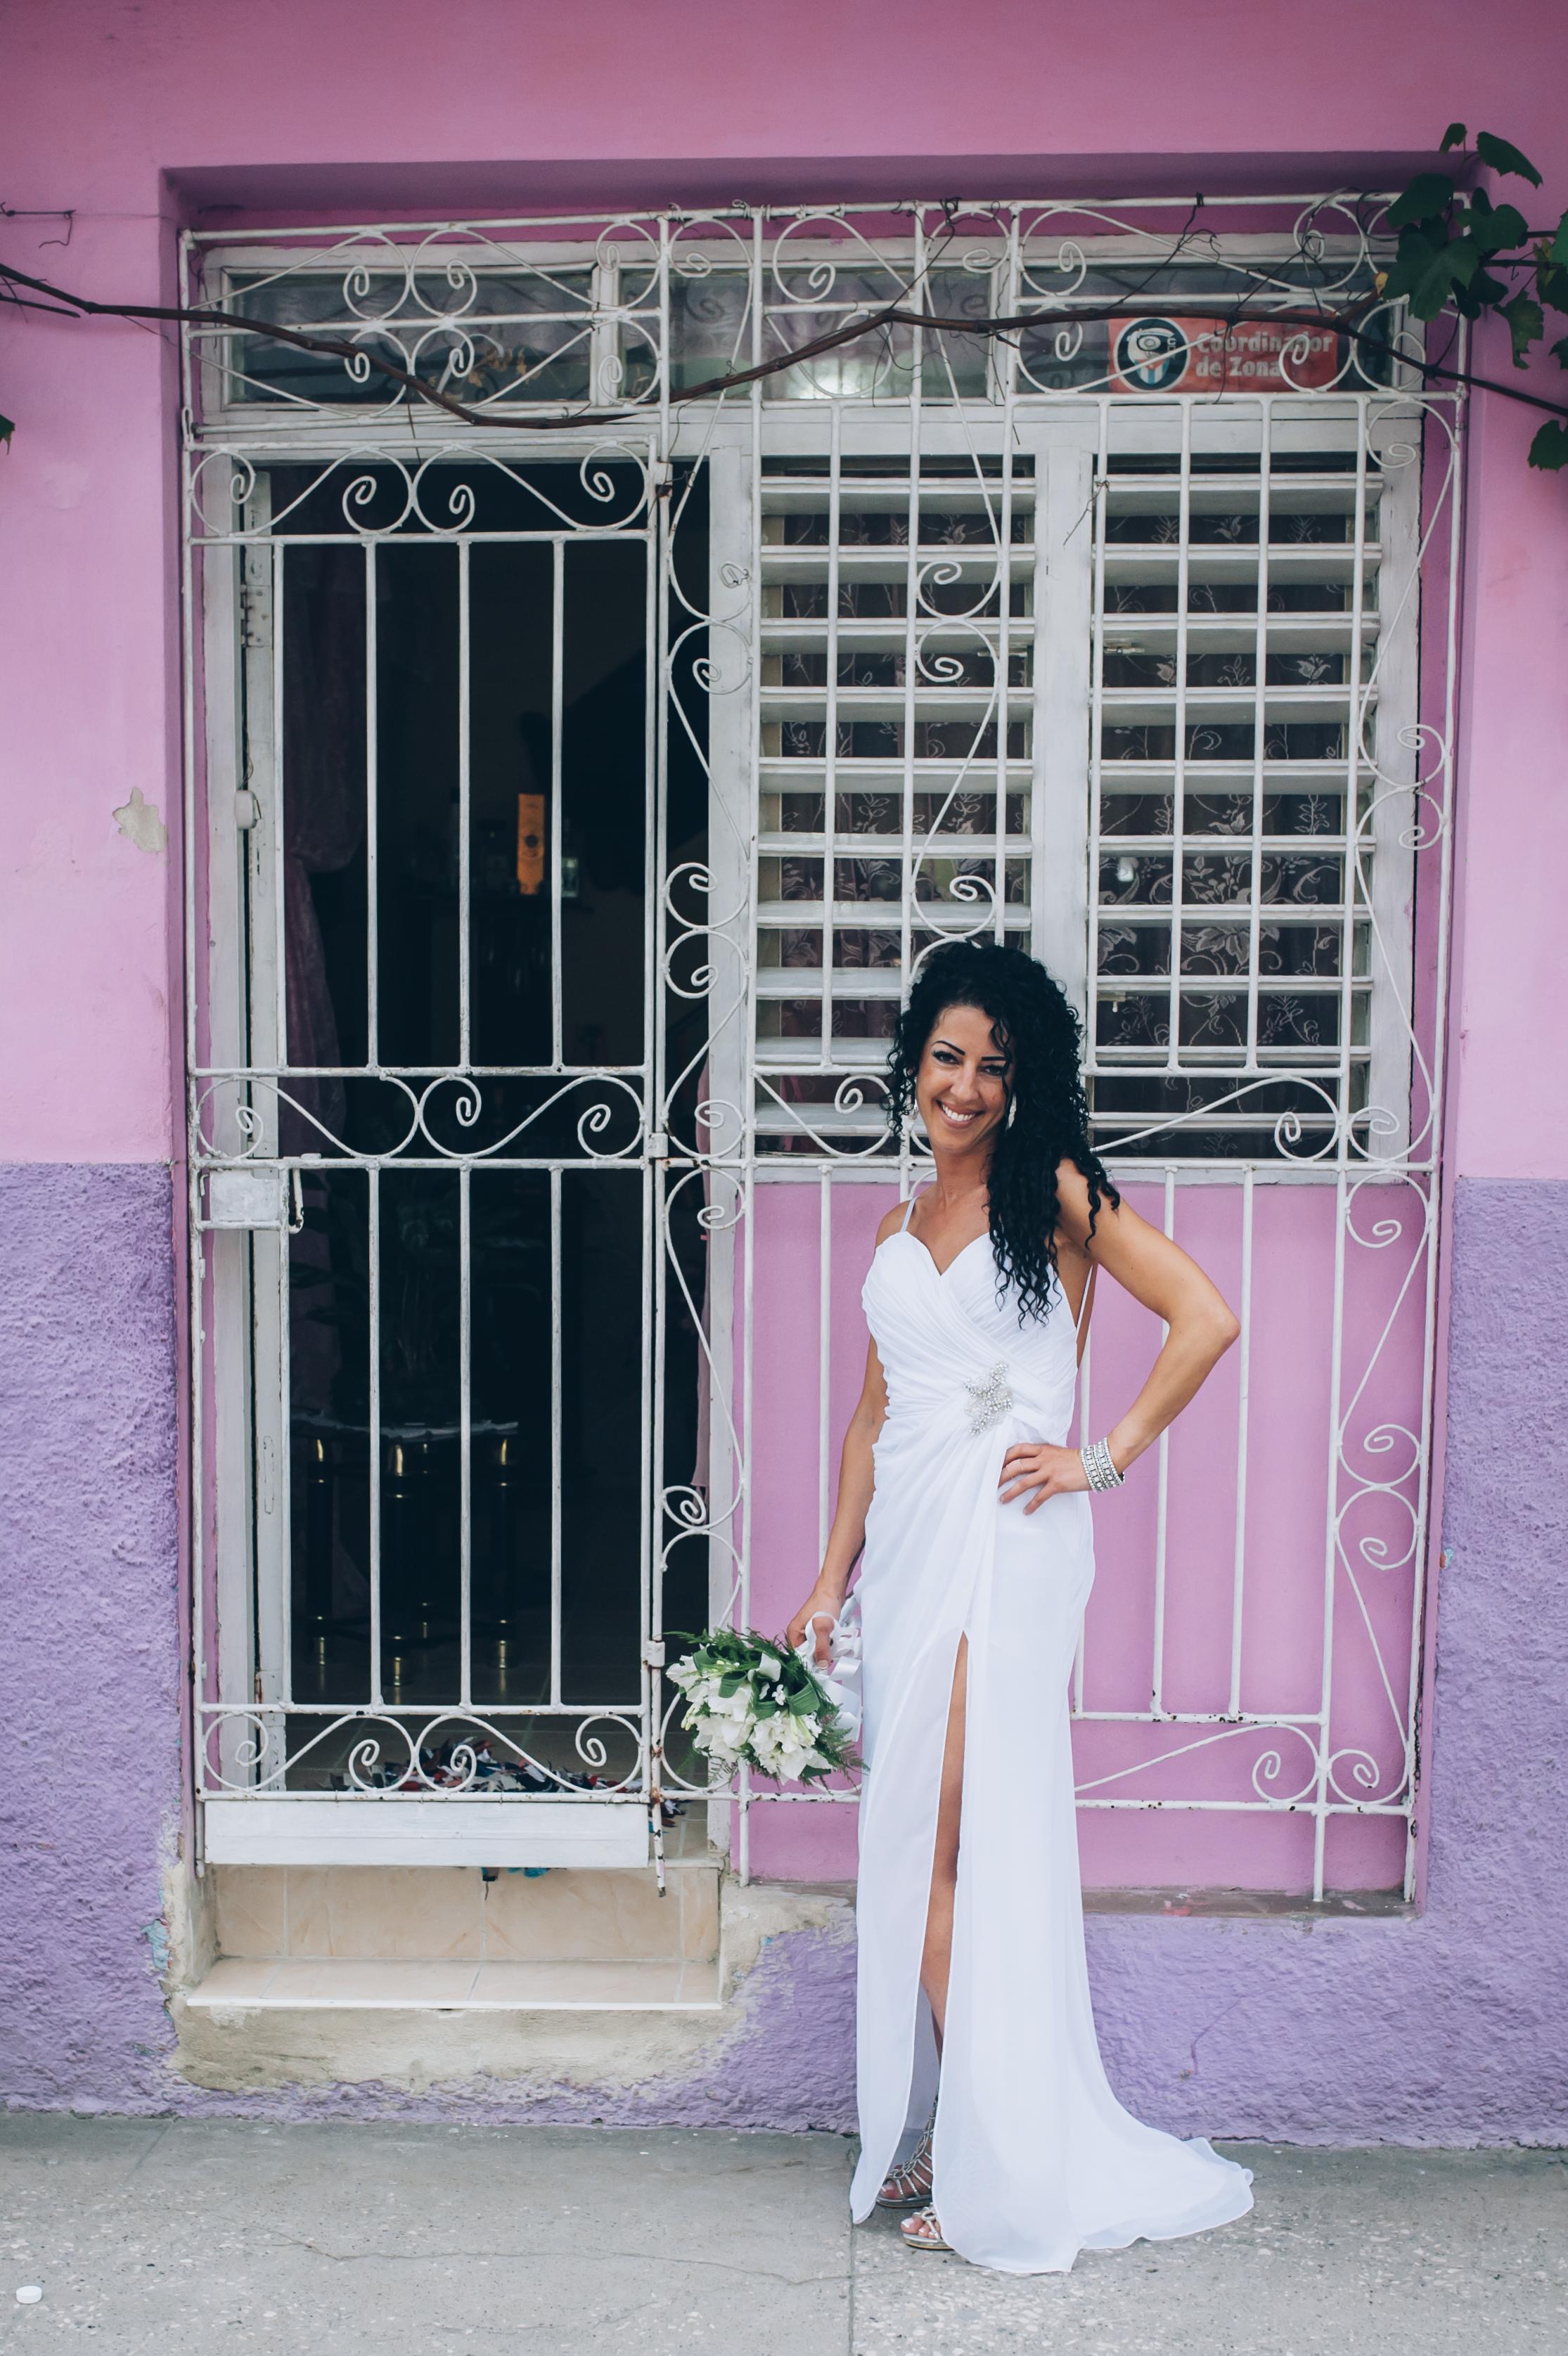 wedding, wedding photographer,love,Burlington wedding photographer,destination wedding,bride